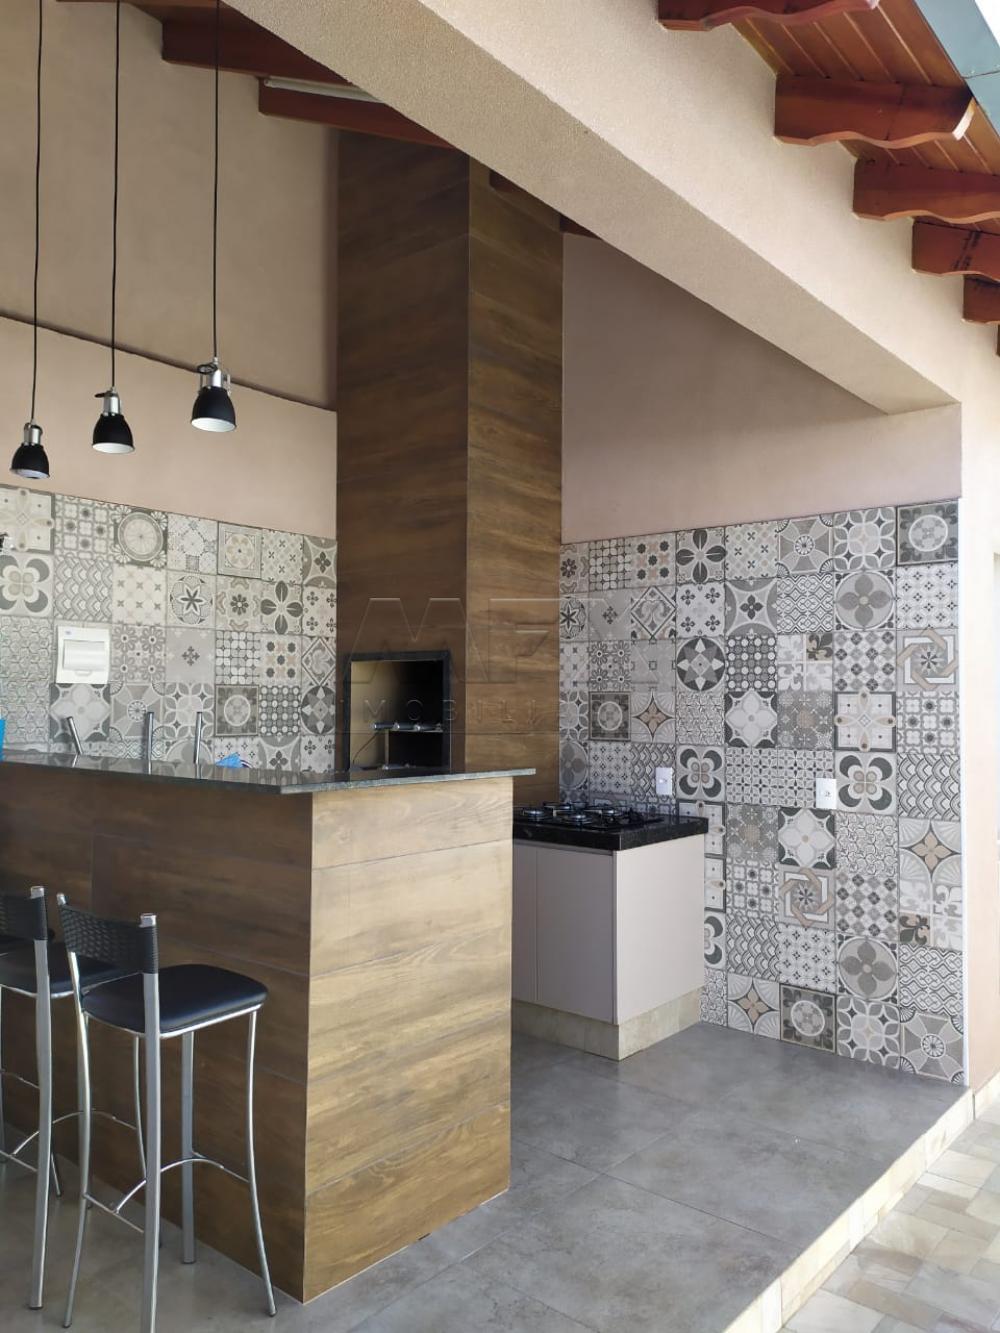 Comprar Casa / Padrão em Bauru apenas R$ 700.000,00 - Foto 16